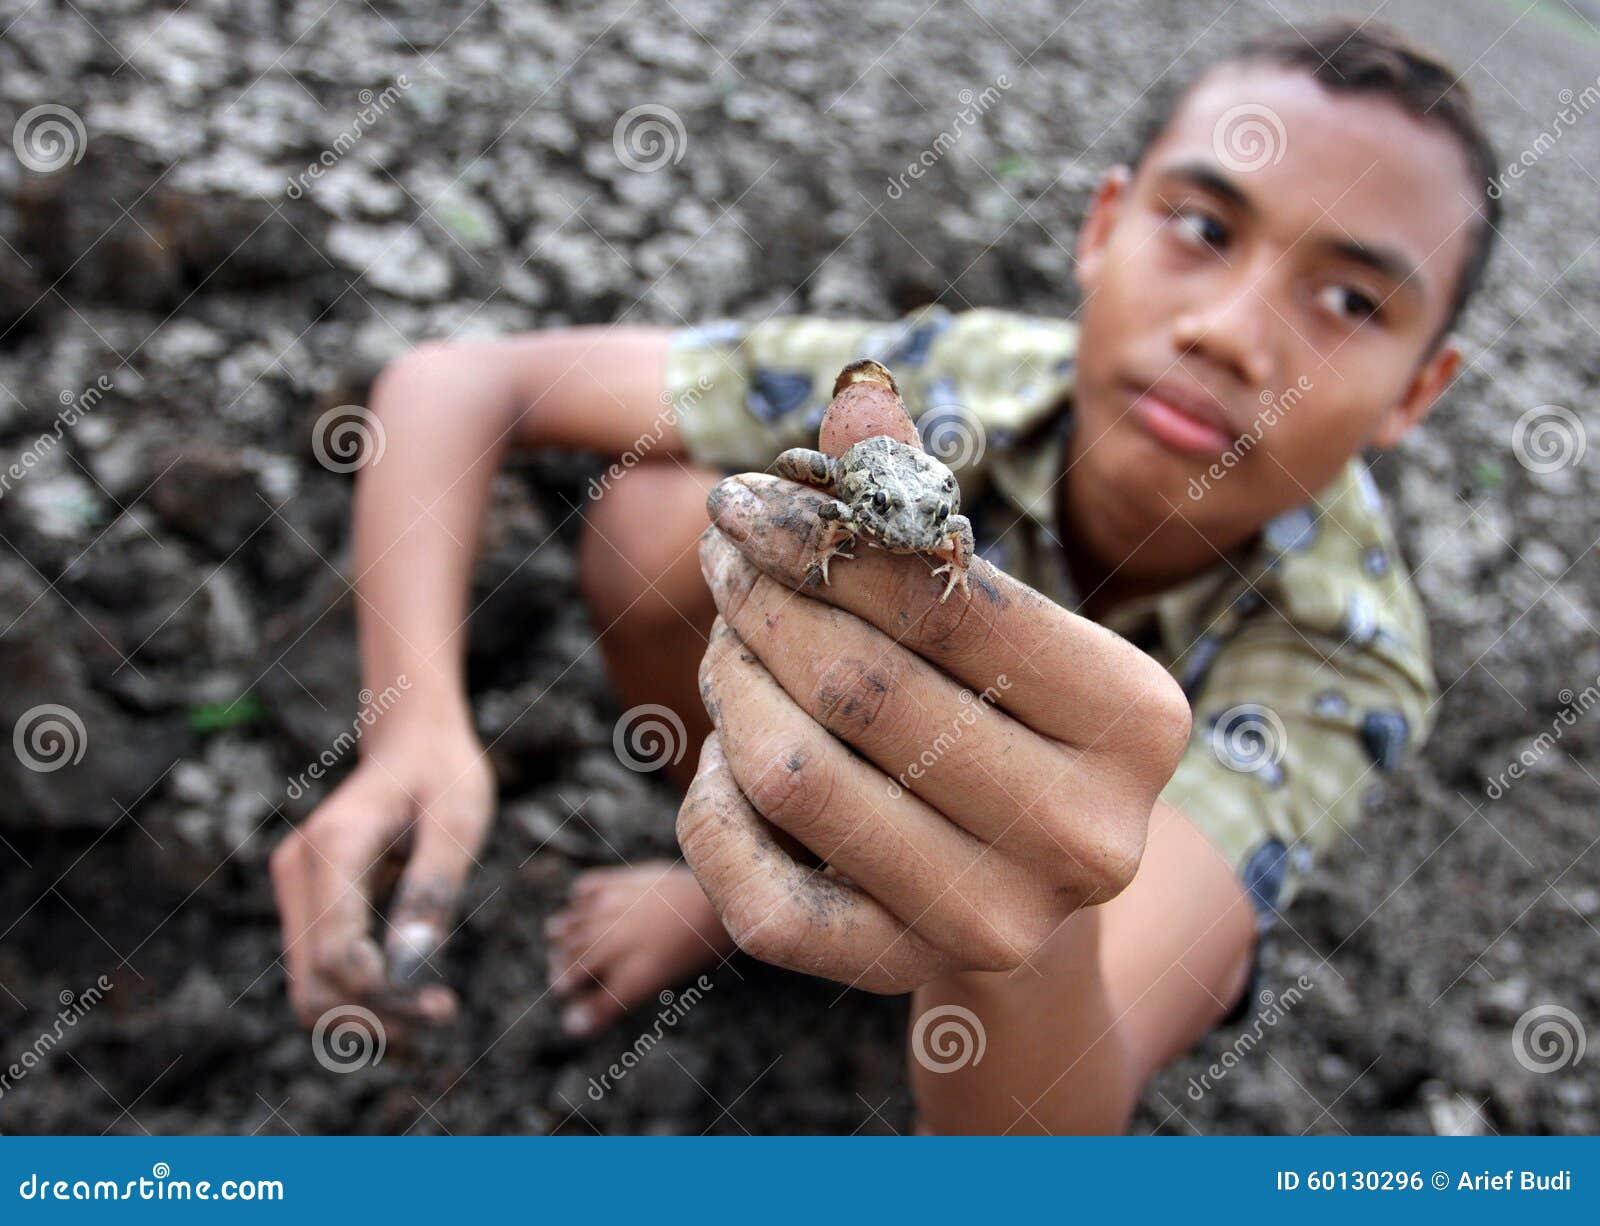 Il bambino mostra le rane che ha preso nel bacino idrico Kerto Sragen, Java Indonesia centrale